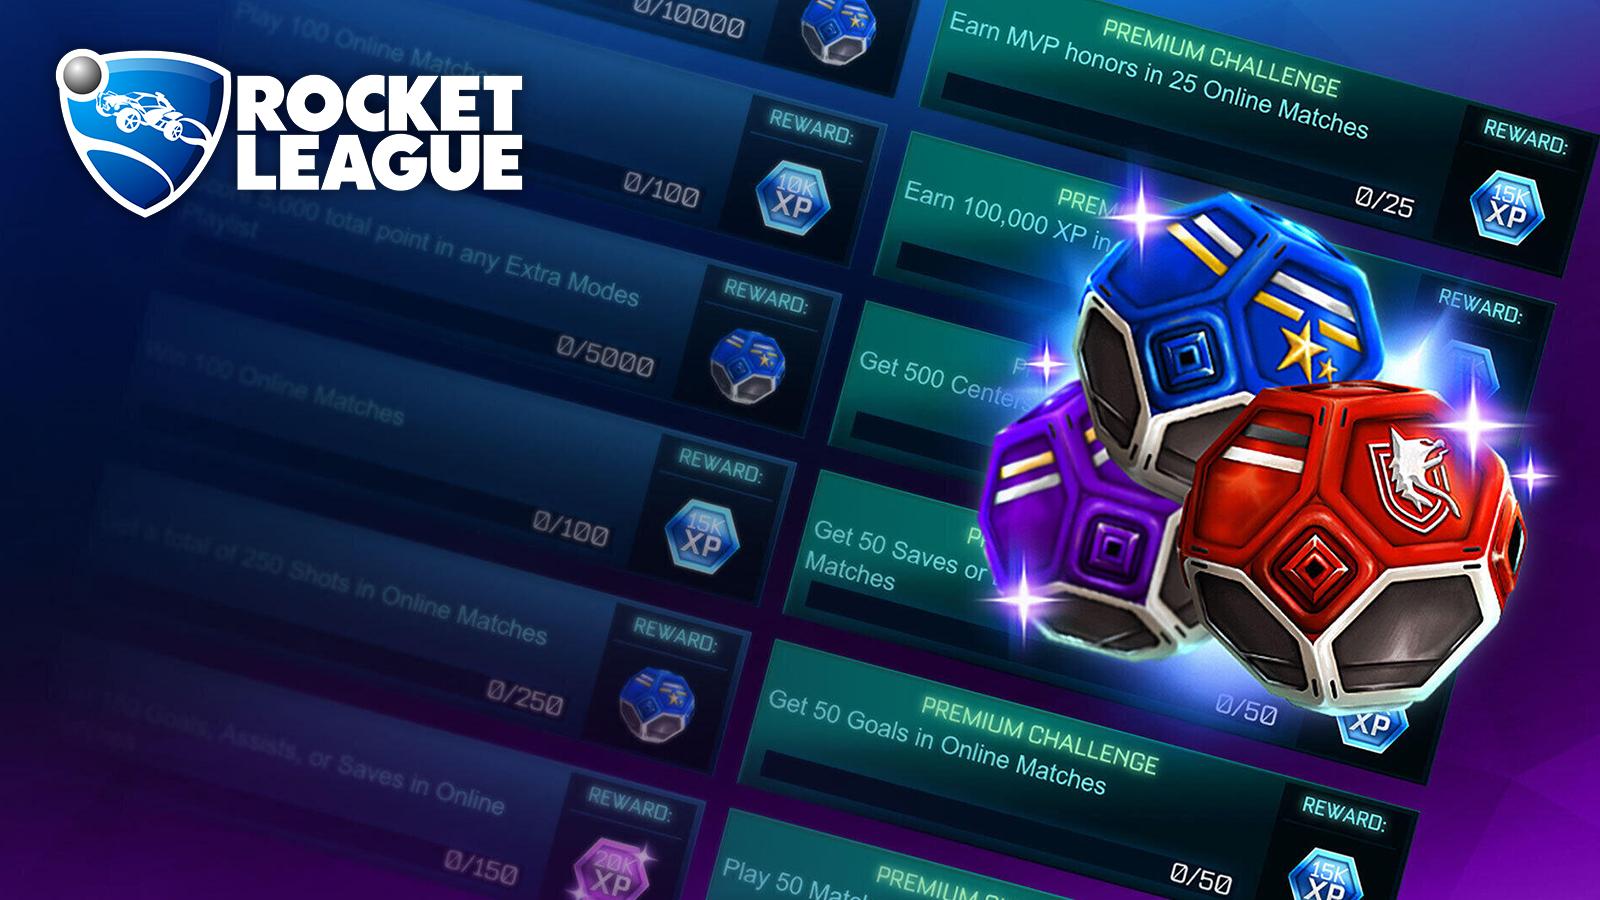 Rocket League Season 1 Tournament Challenges